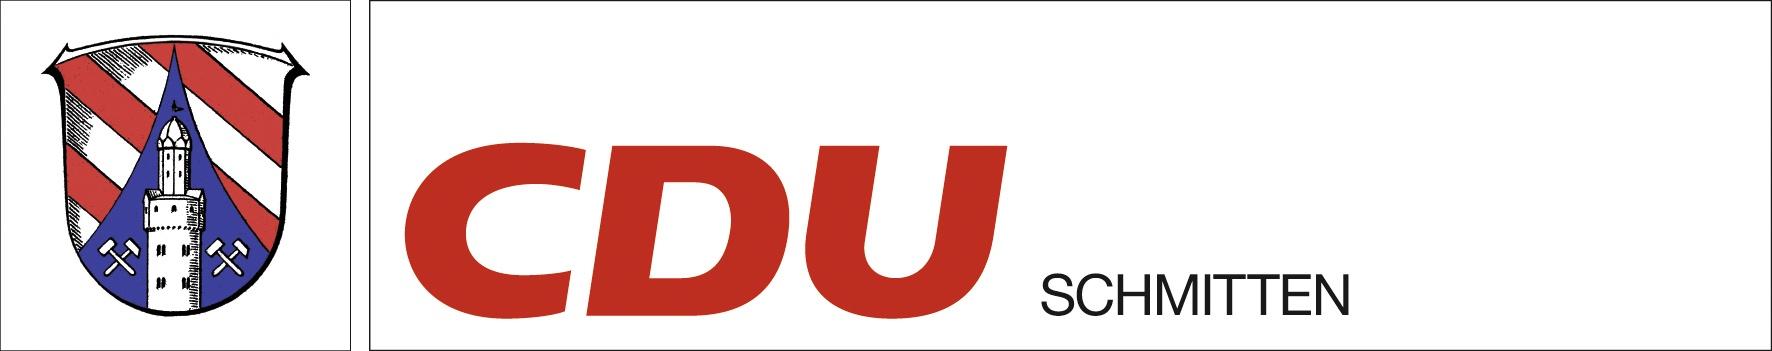 Logo von CDU Schmitten